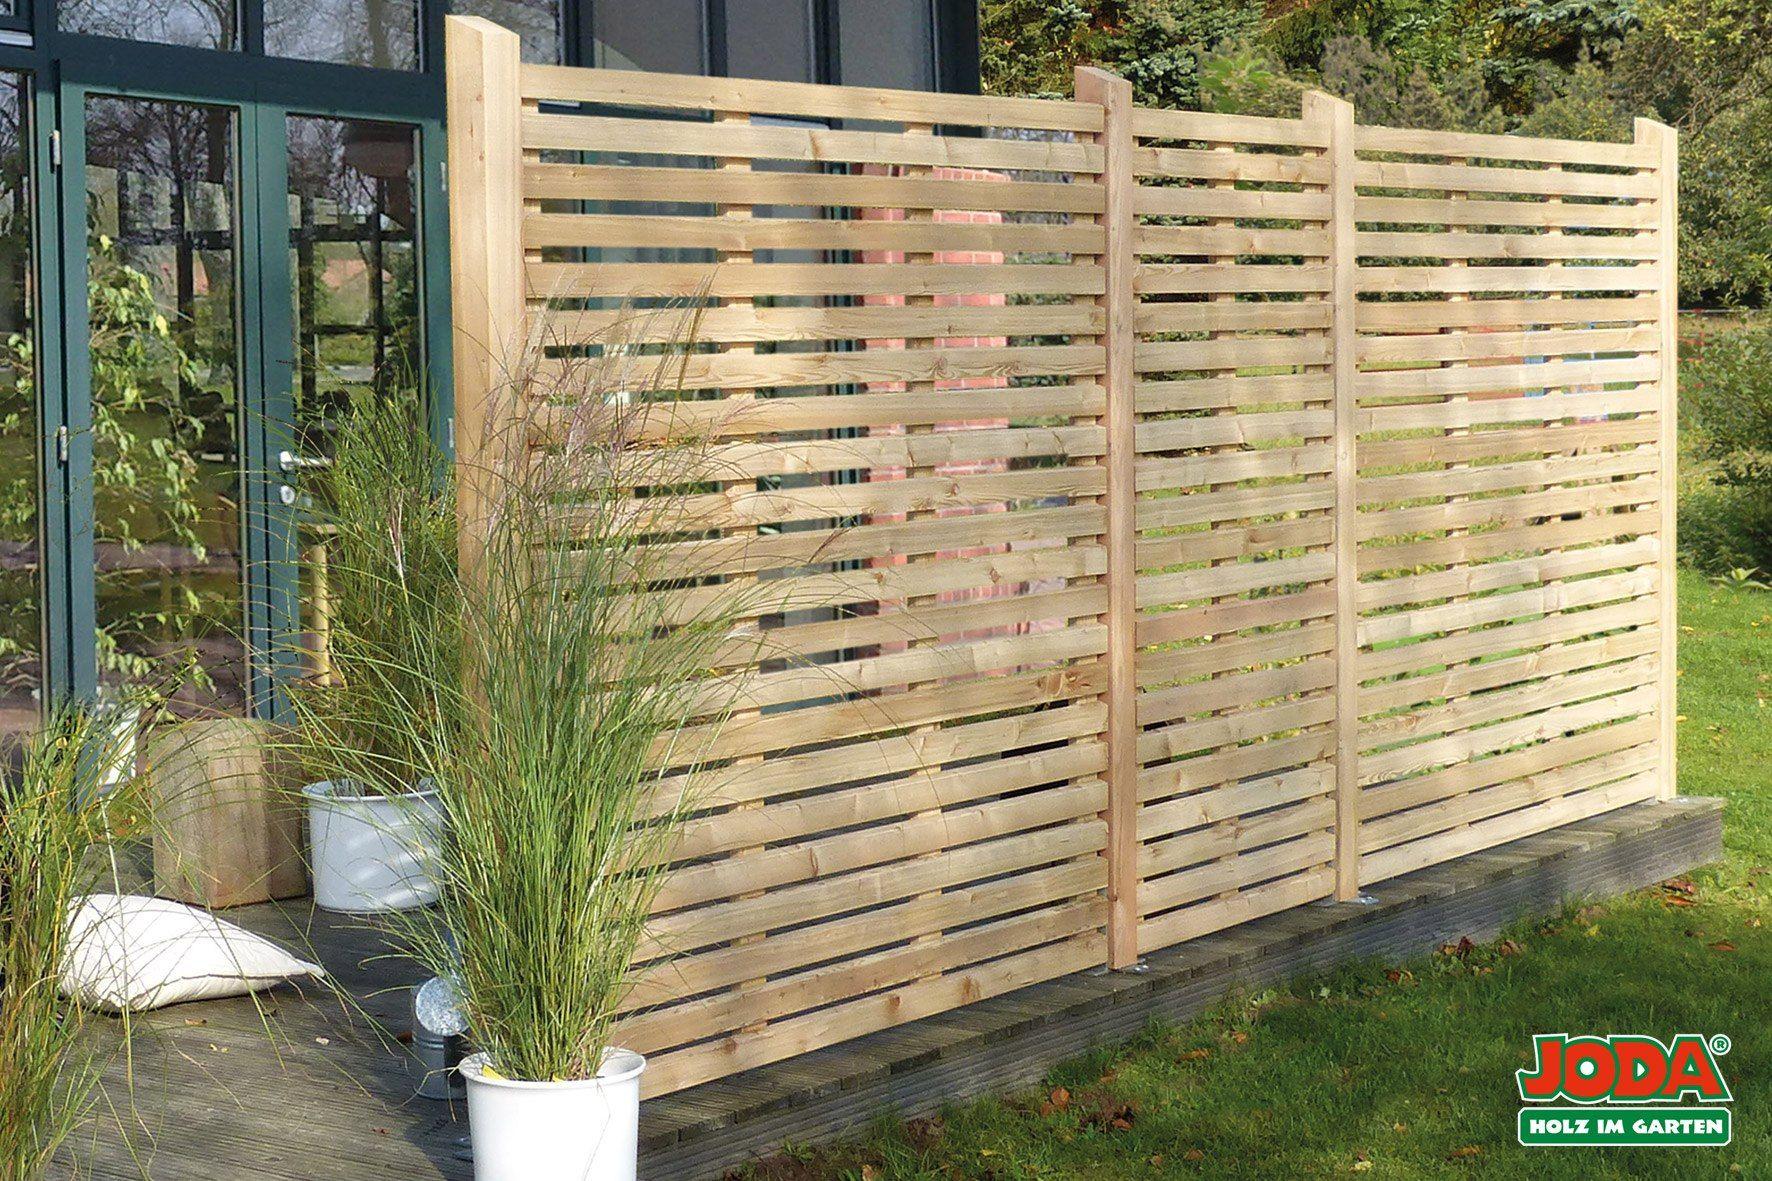 Joda Holz Im Garten Andert Die Art Wie Sie Dekorieren Von